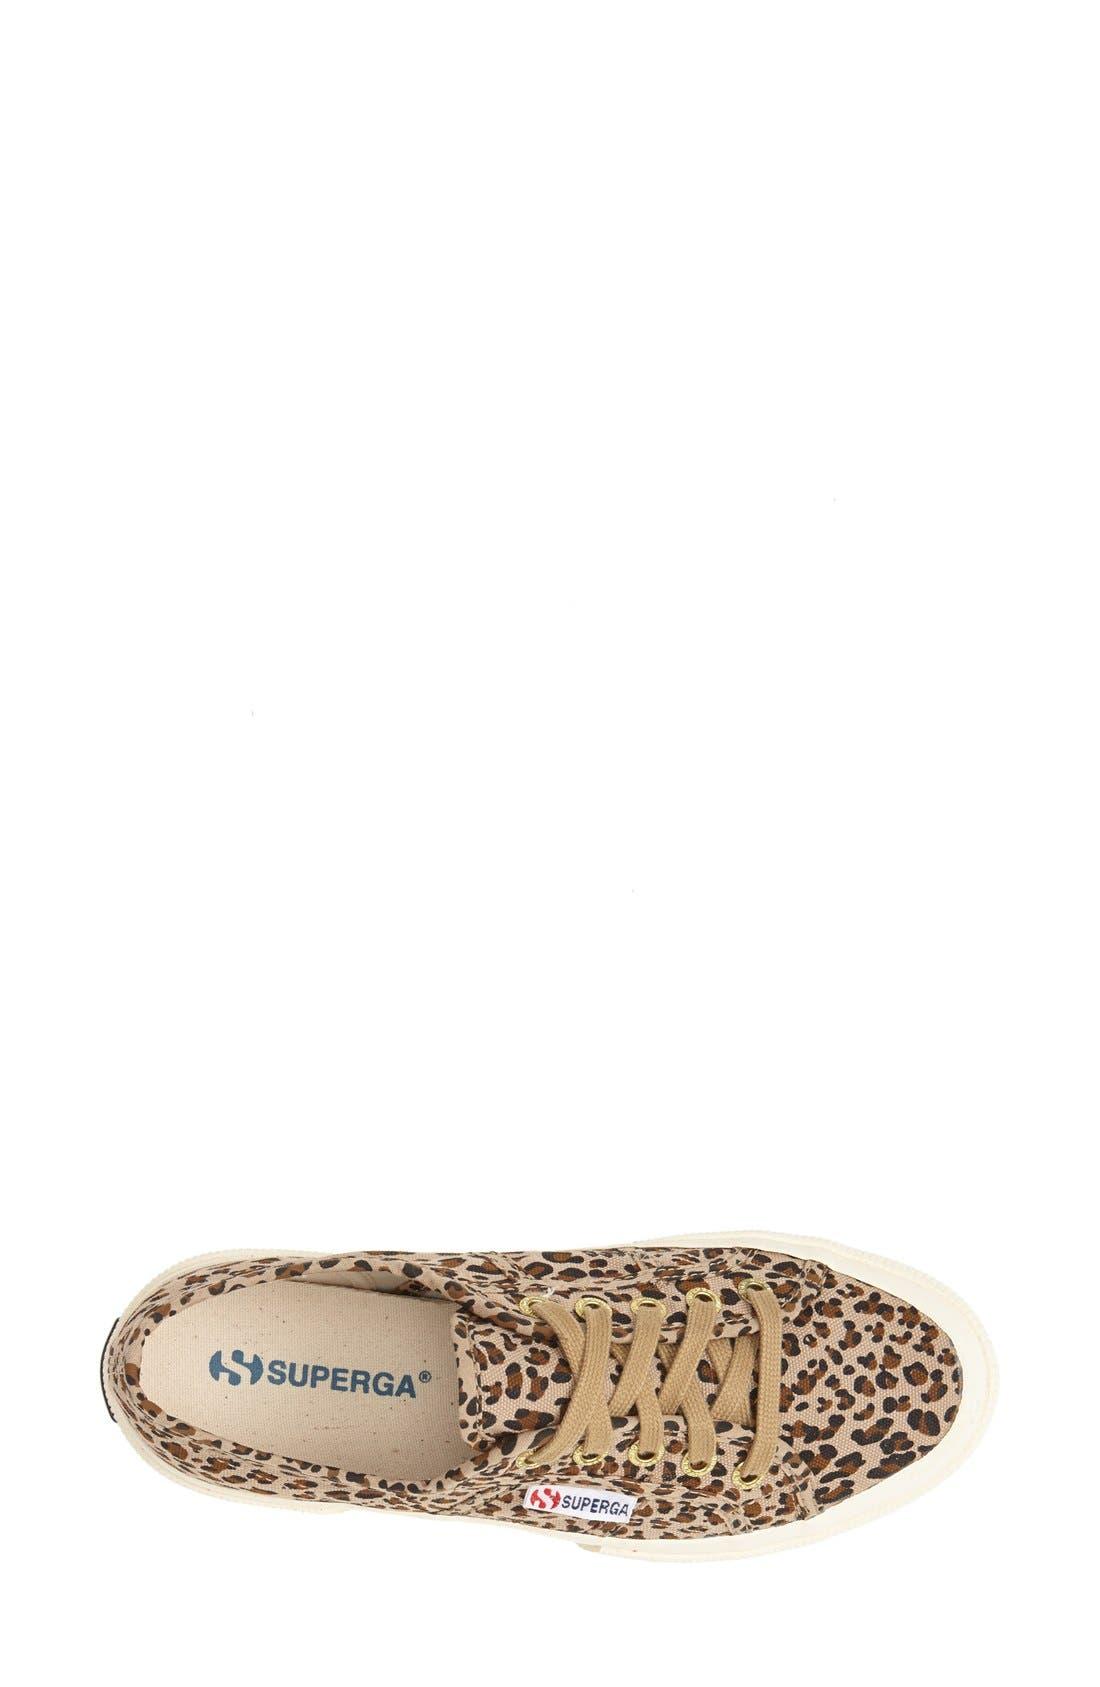 Alternate Image 3  - Superga 'Leo' Leopard Spot Slip-On Sneaker (Women)